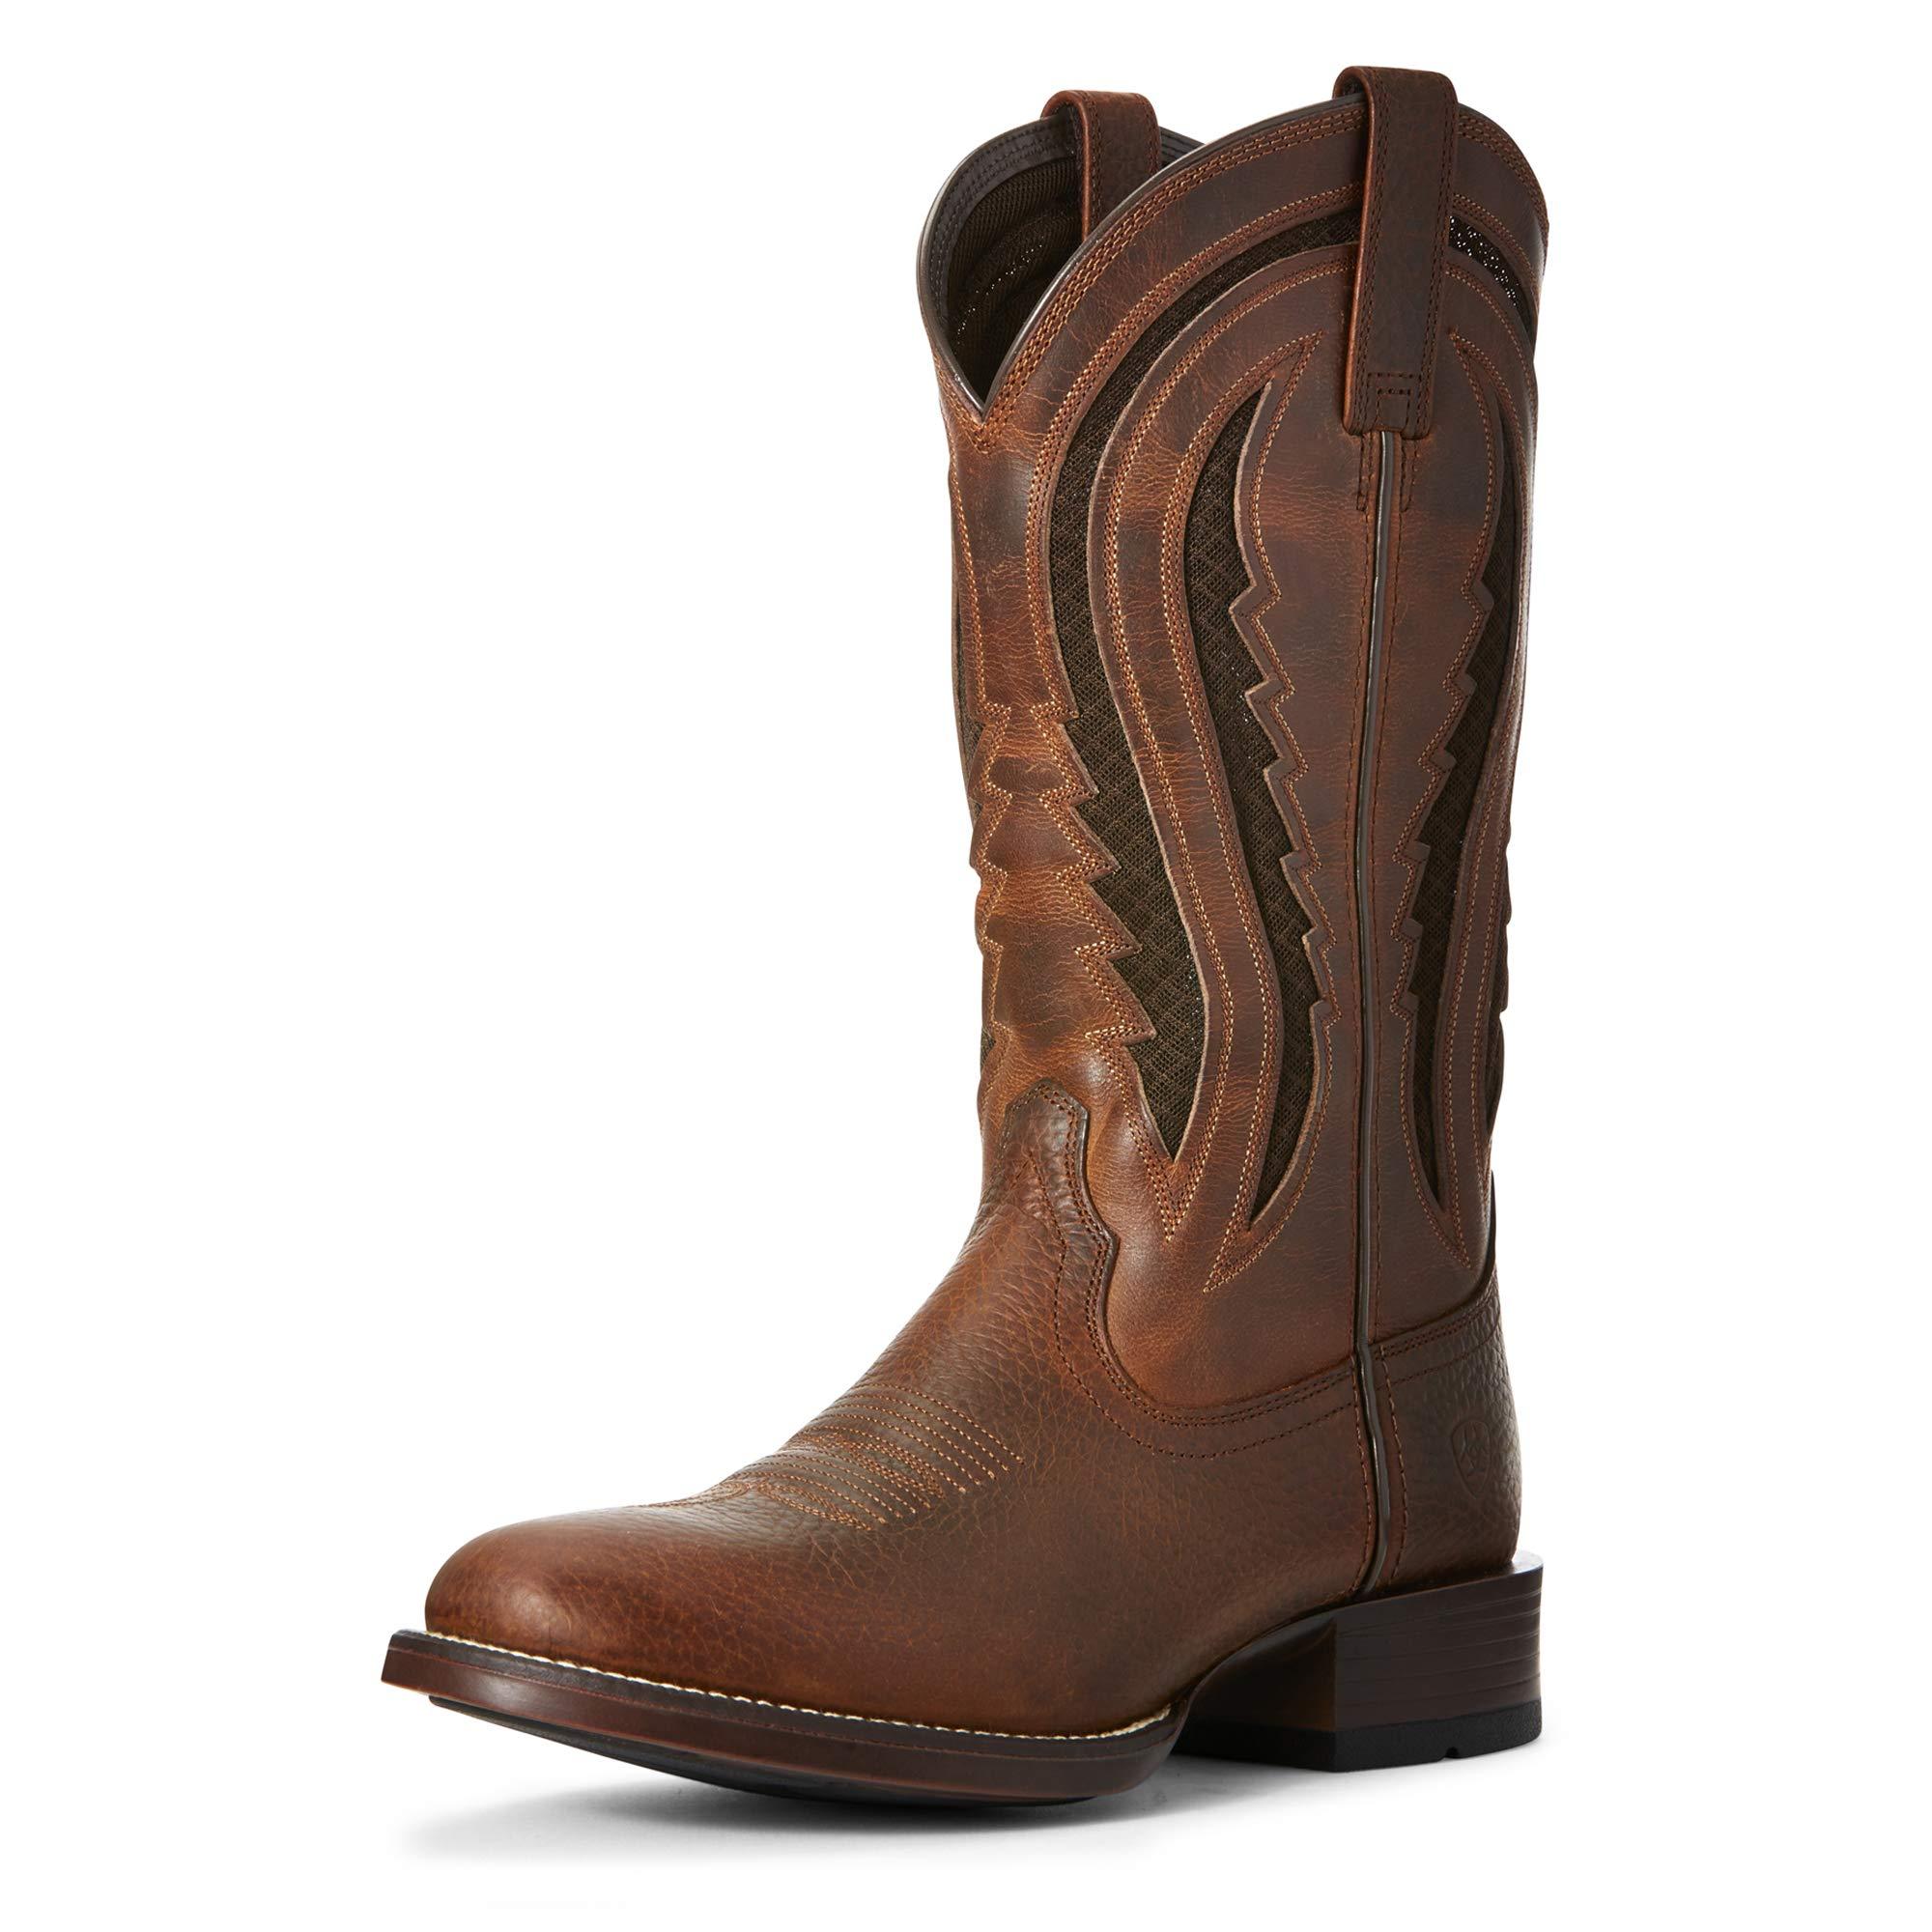 Ariat Men's Butte Venttek Western Boot, Copper Penny/Cinnabark, 12EE by ARIAT